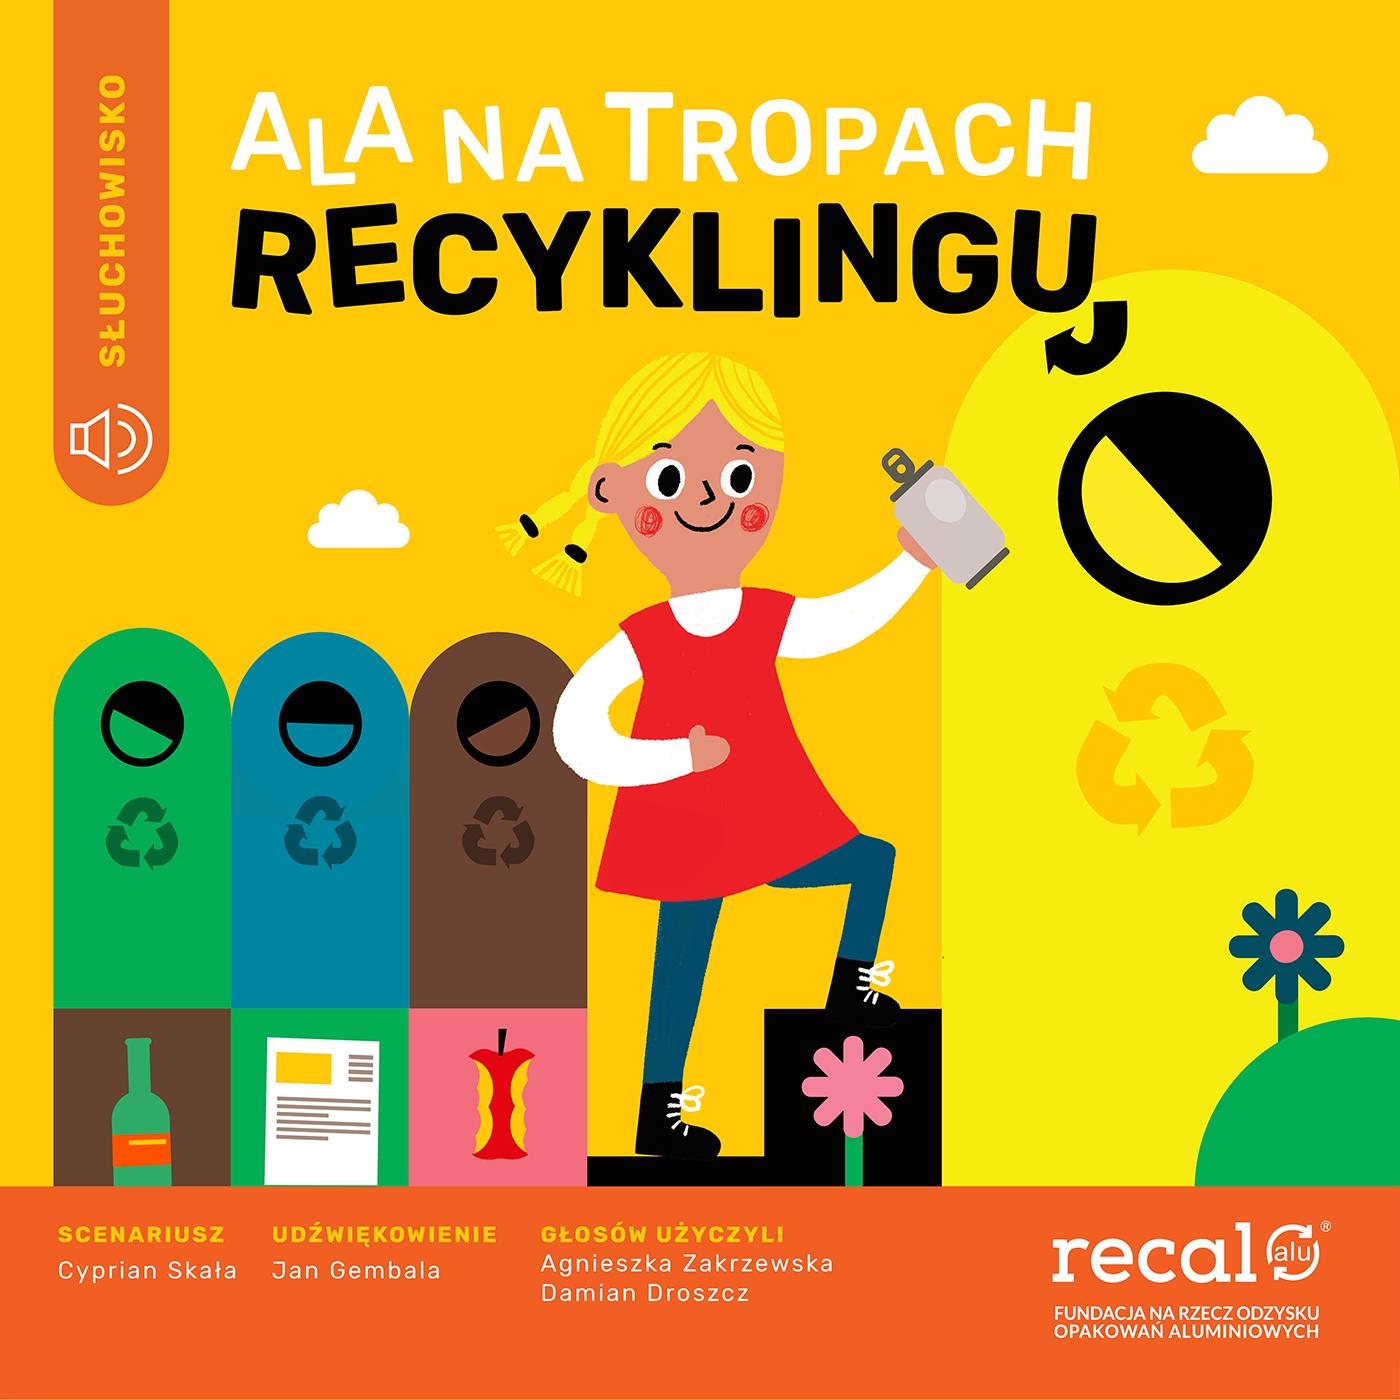 Ala na tropach recyklingu